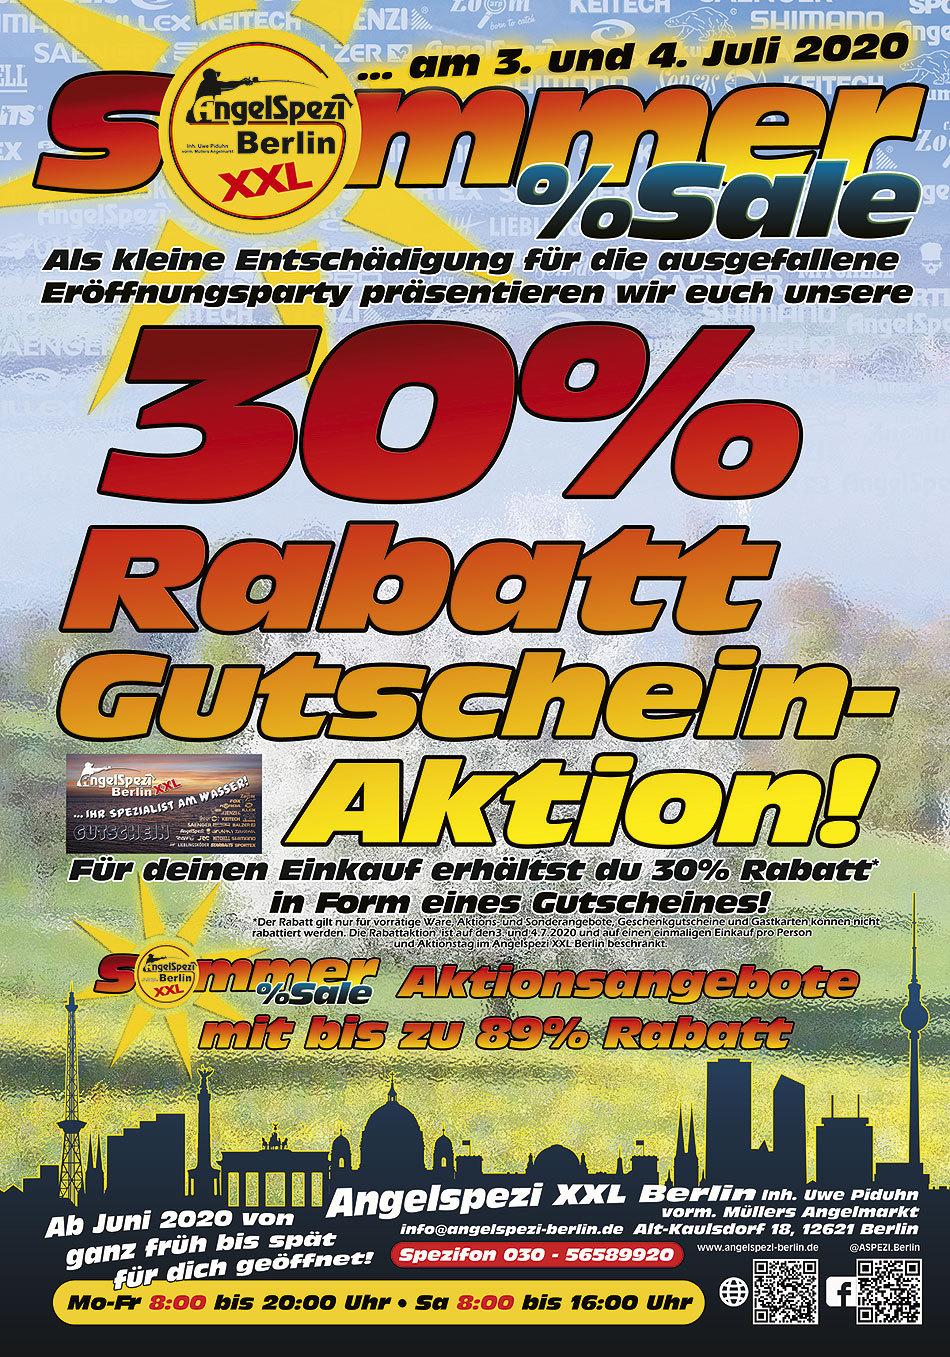 Sommer-Sale im Angelspezi XXL Berlin am 3.und 4. Juli 2020